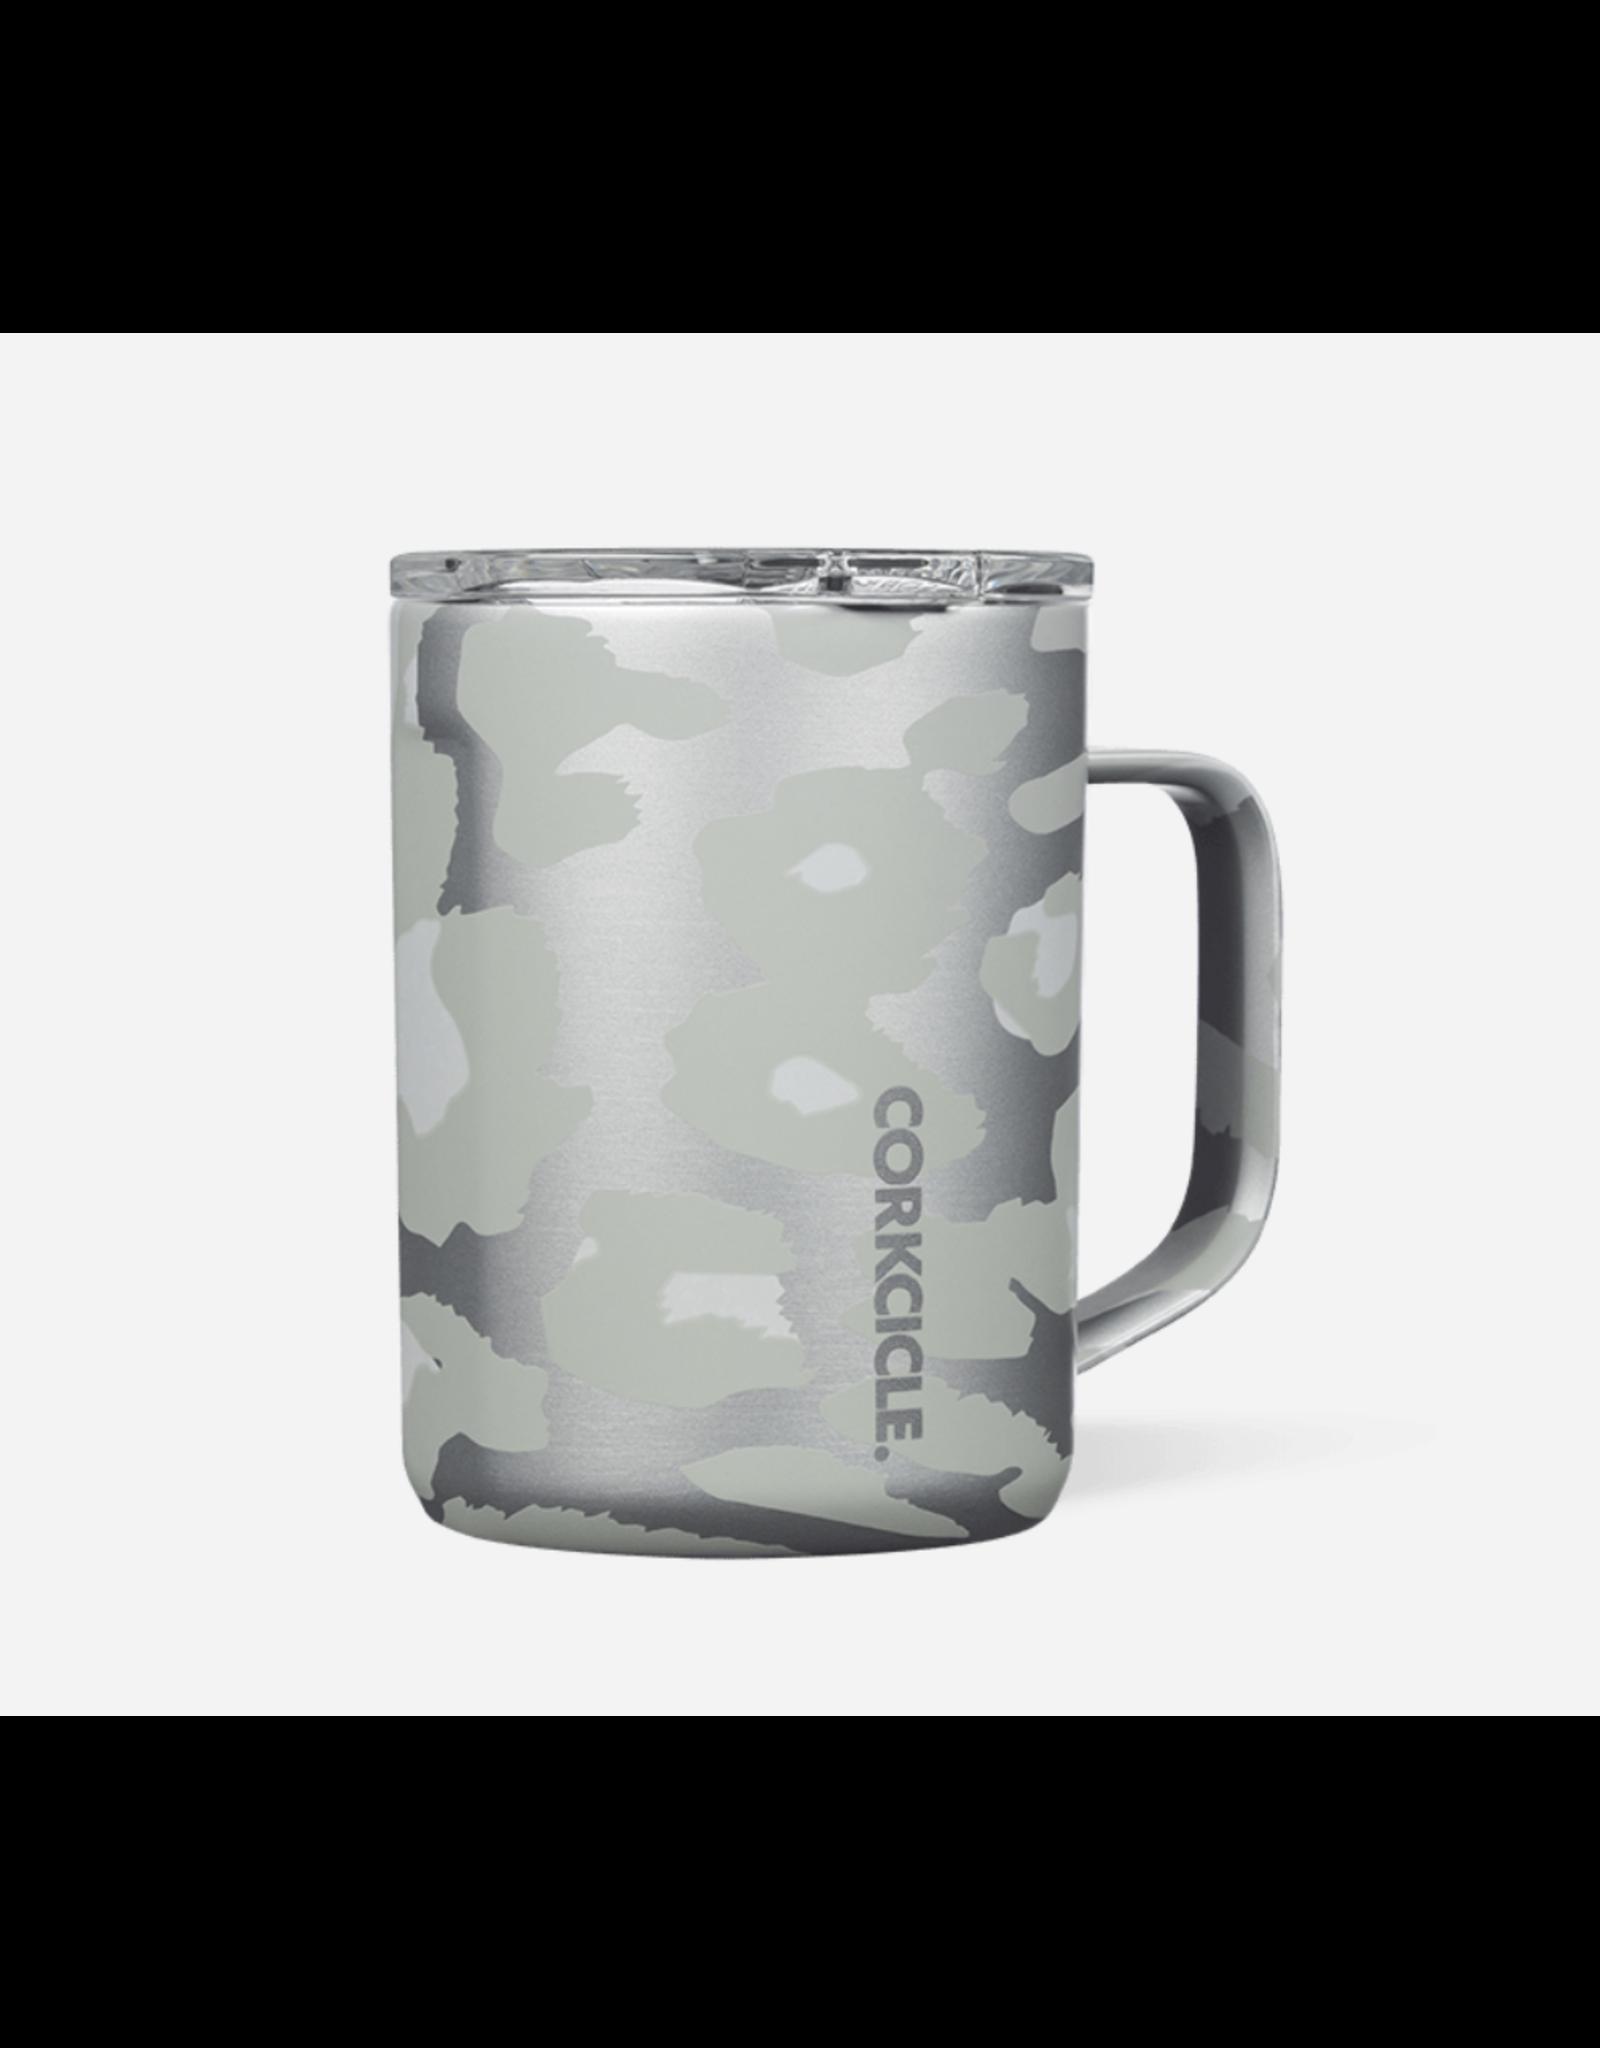 Corkcicle NEW Corkcicle Mug